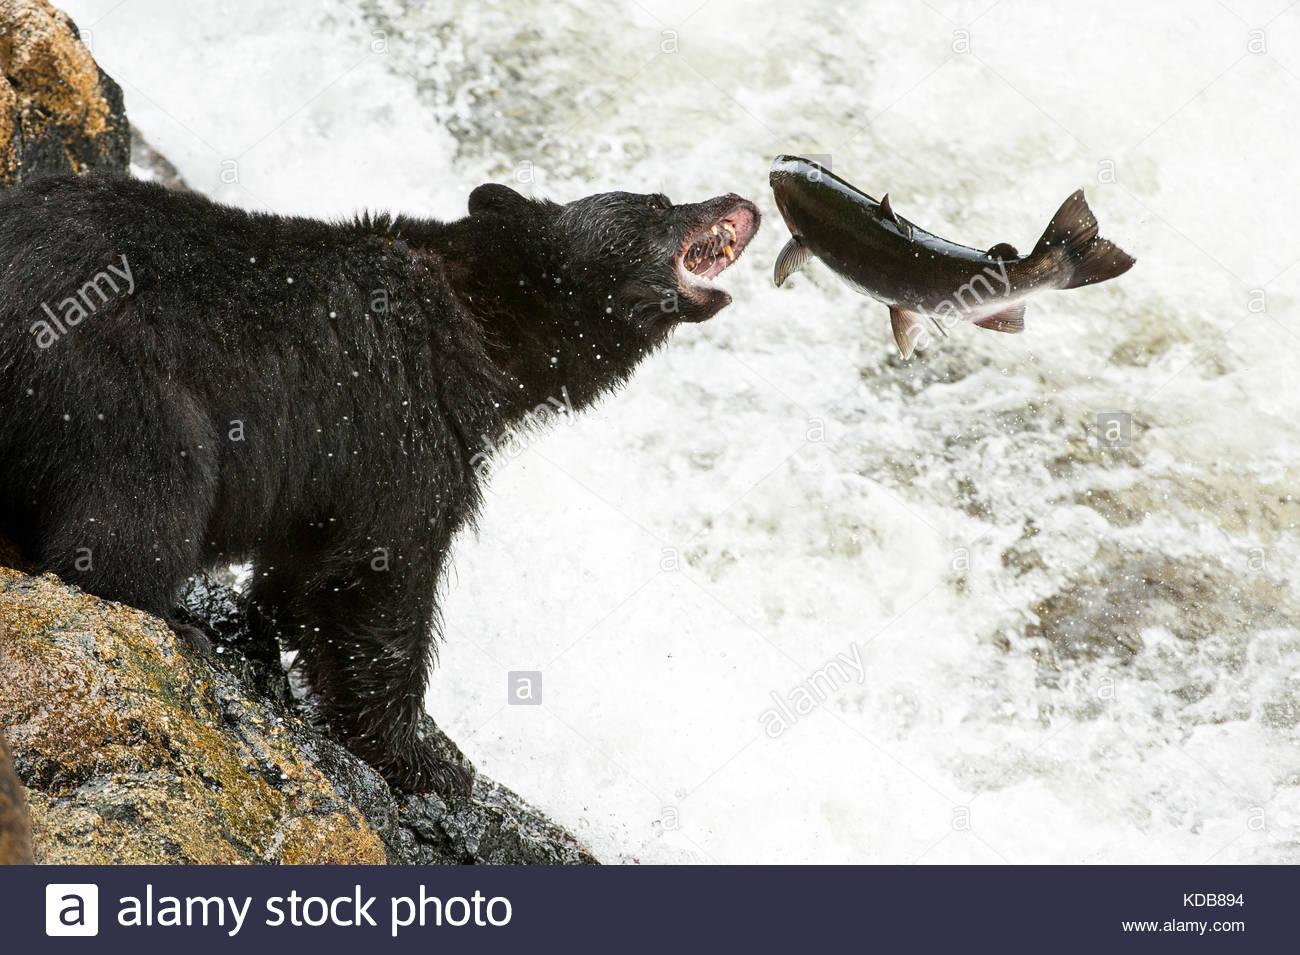 Ein schwarzer Bär, Ursus americanus, Versuche, ein coho Lachs zu fangen, Oncorhyncus kisutch, an einem Wasserfall. Stockbild